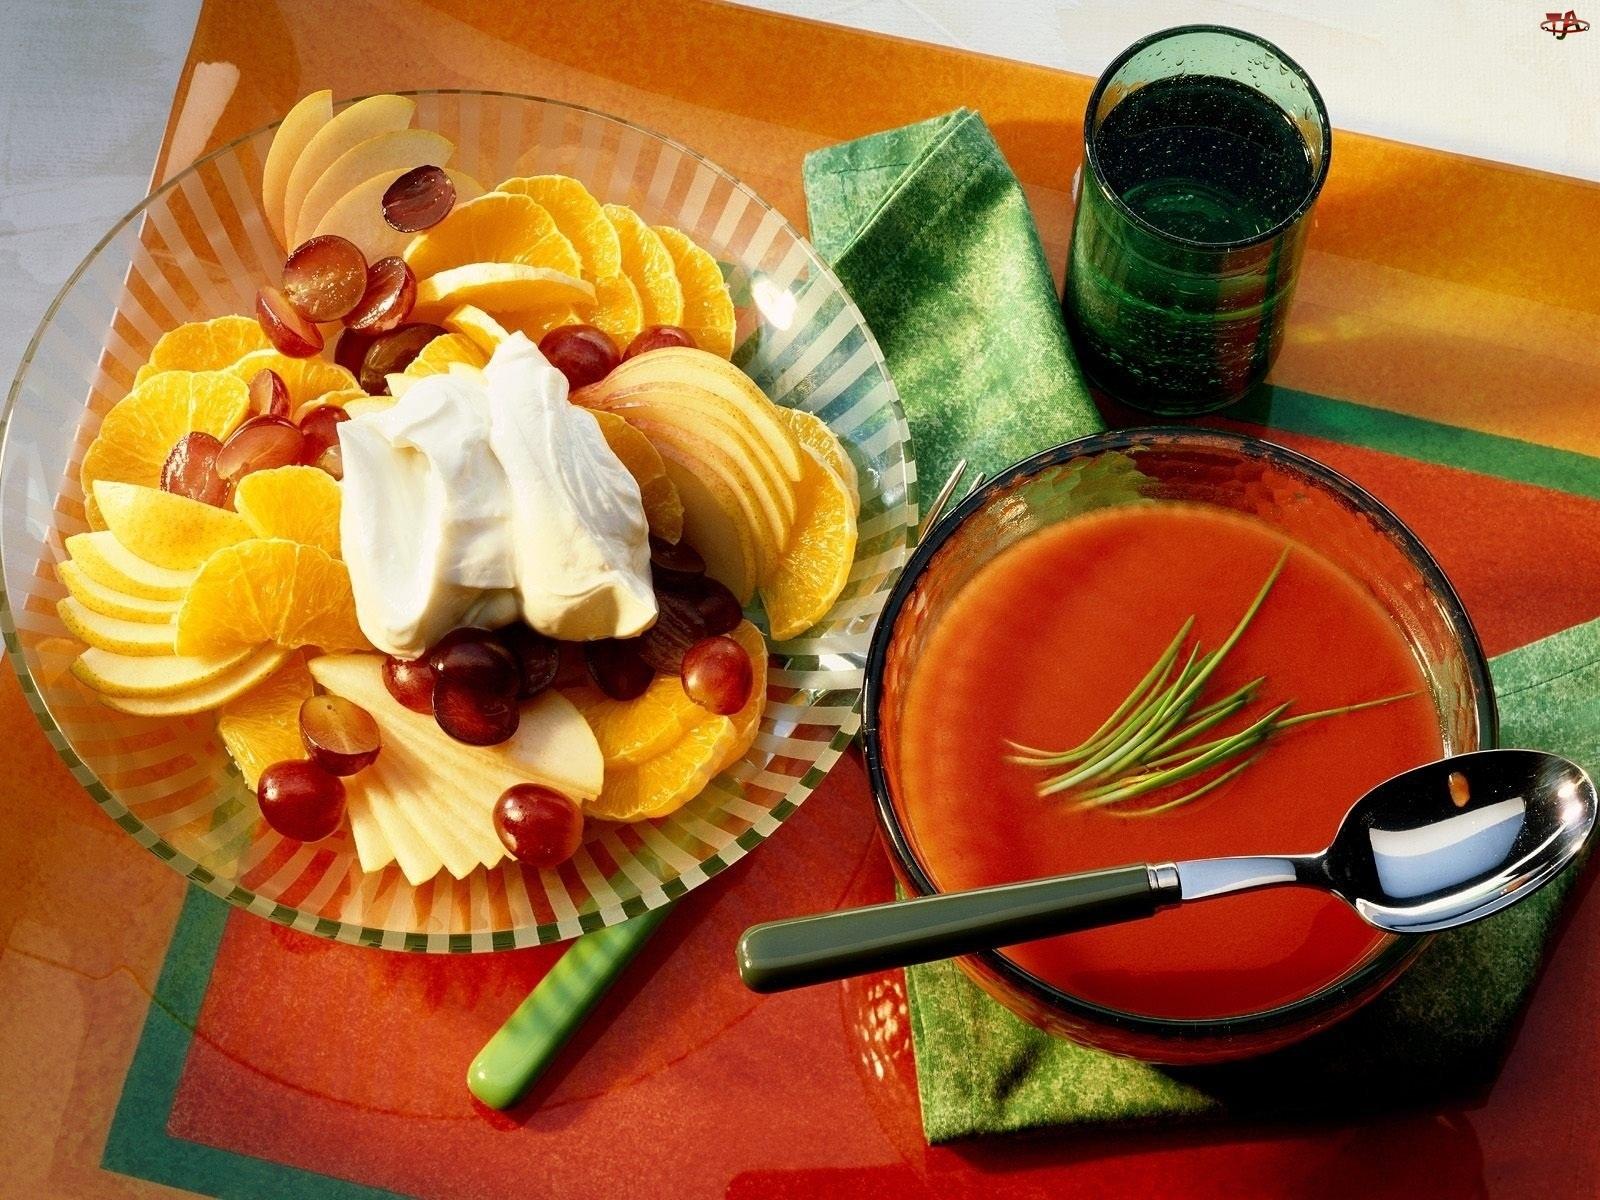 Zupa, Owoce, Pomidorowa, Pokrojone